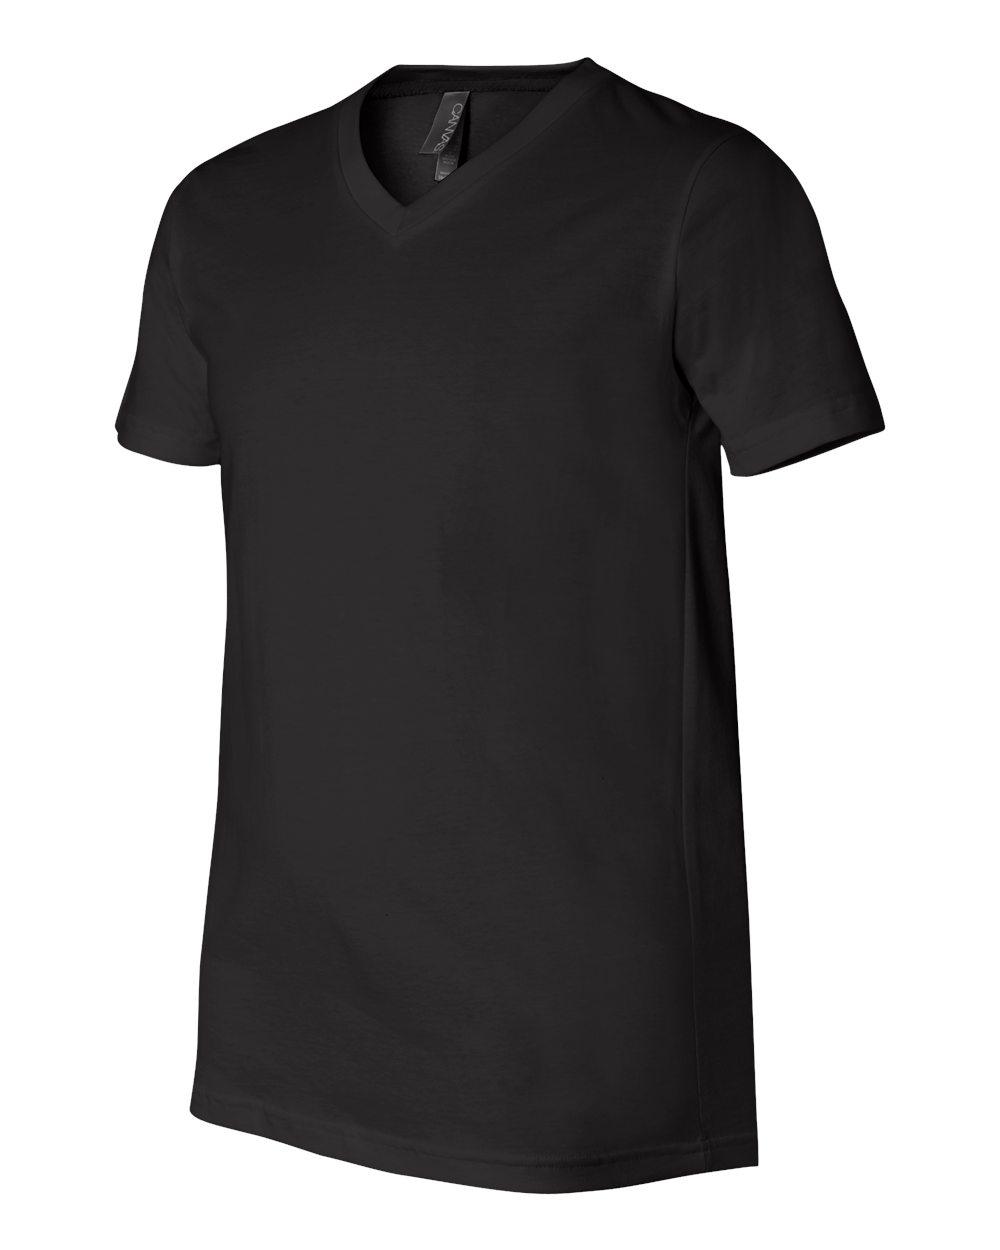 Bella-Canvas-Men-039-s-Jersey-Short-Sleeve-V-Neck-T-Shirt-3005-XS-3XL thumbnail 55